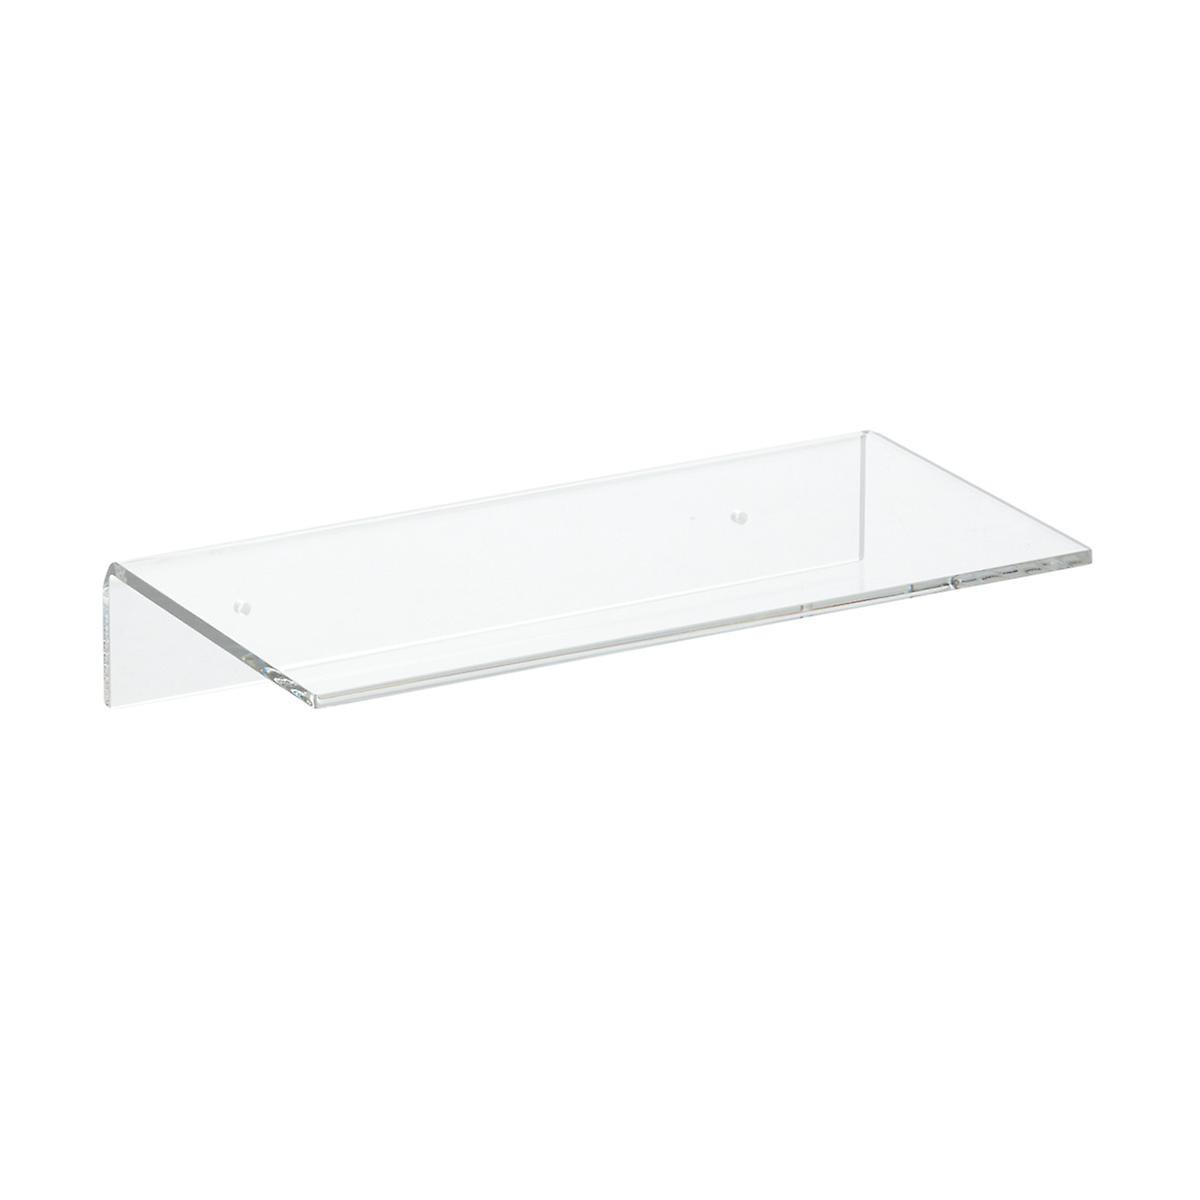 Prateleira de Acrilico Transparente Tamanho 60cm x 20cm